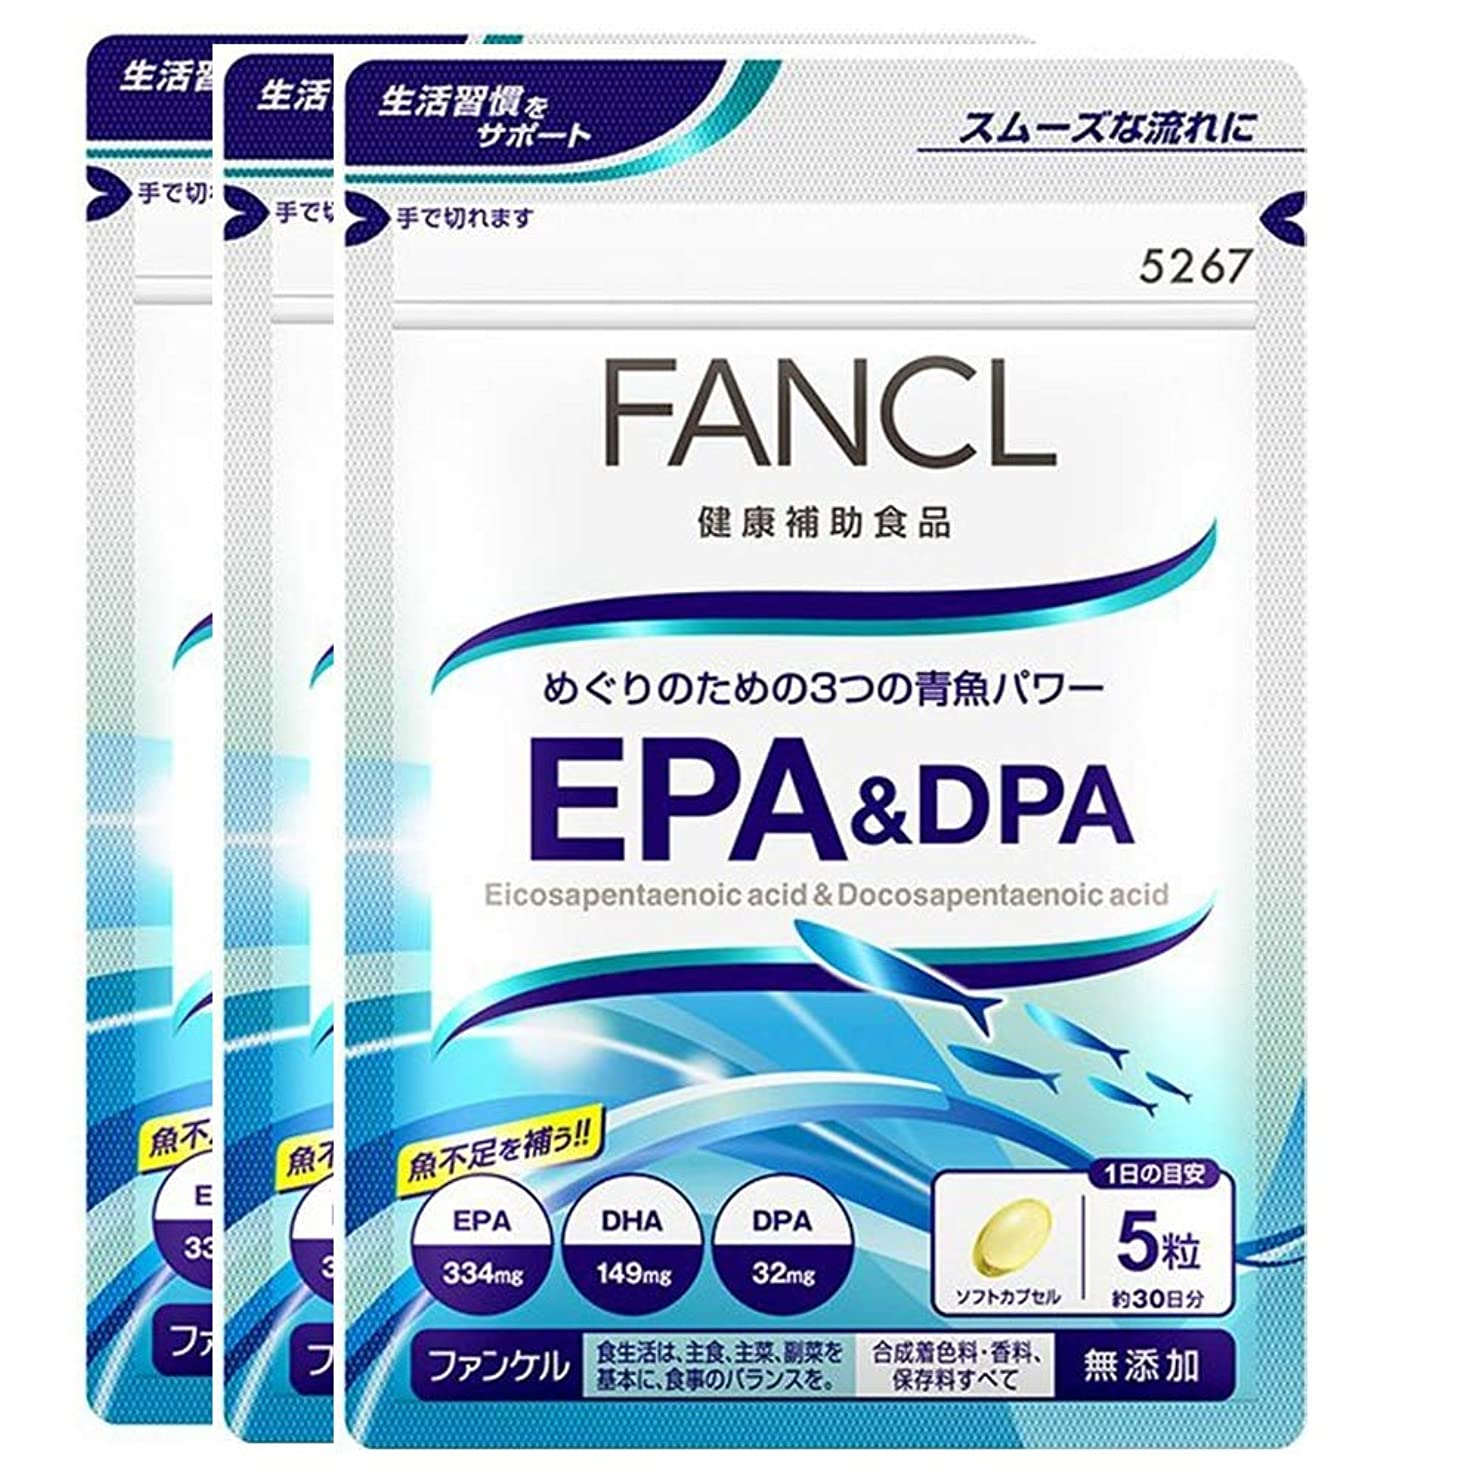 不安定な散逸上に築きますFANCL ファンケル EPA&DPA約90日分(徳用3袋セット)1袋(150粒)×3